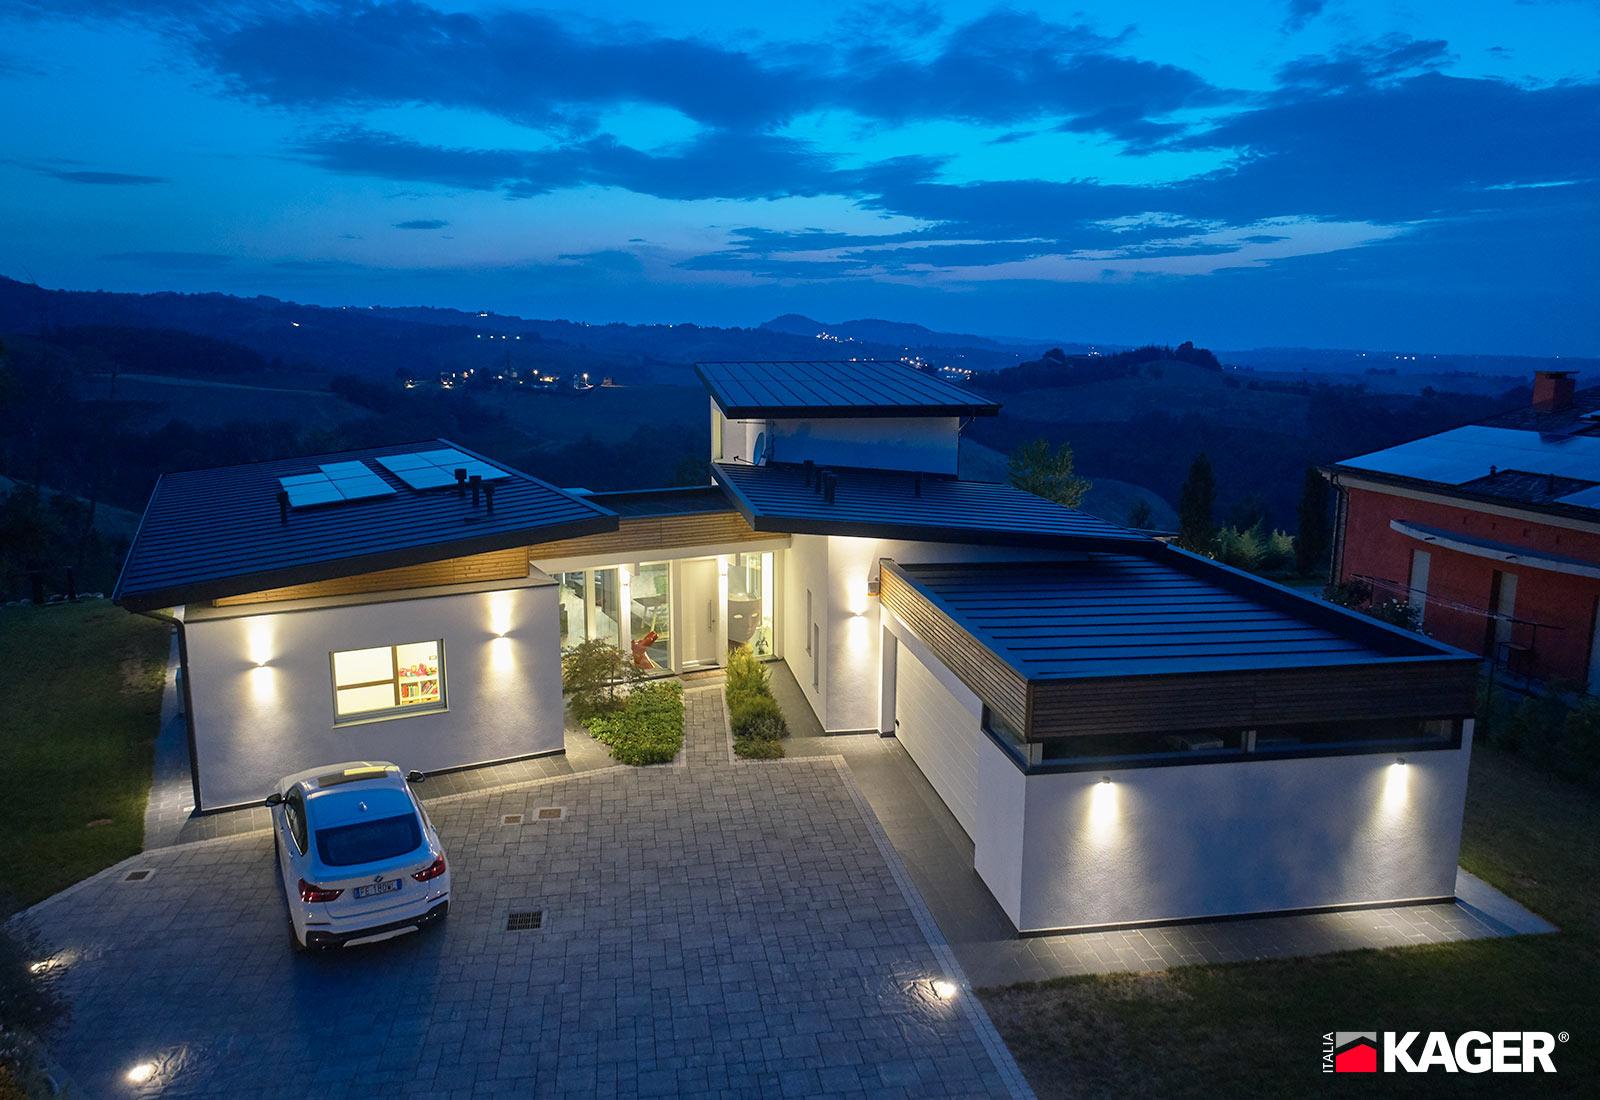 Casa-in-legno-Salsomaggiore-Parma-Kager-Italia-12